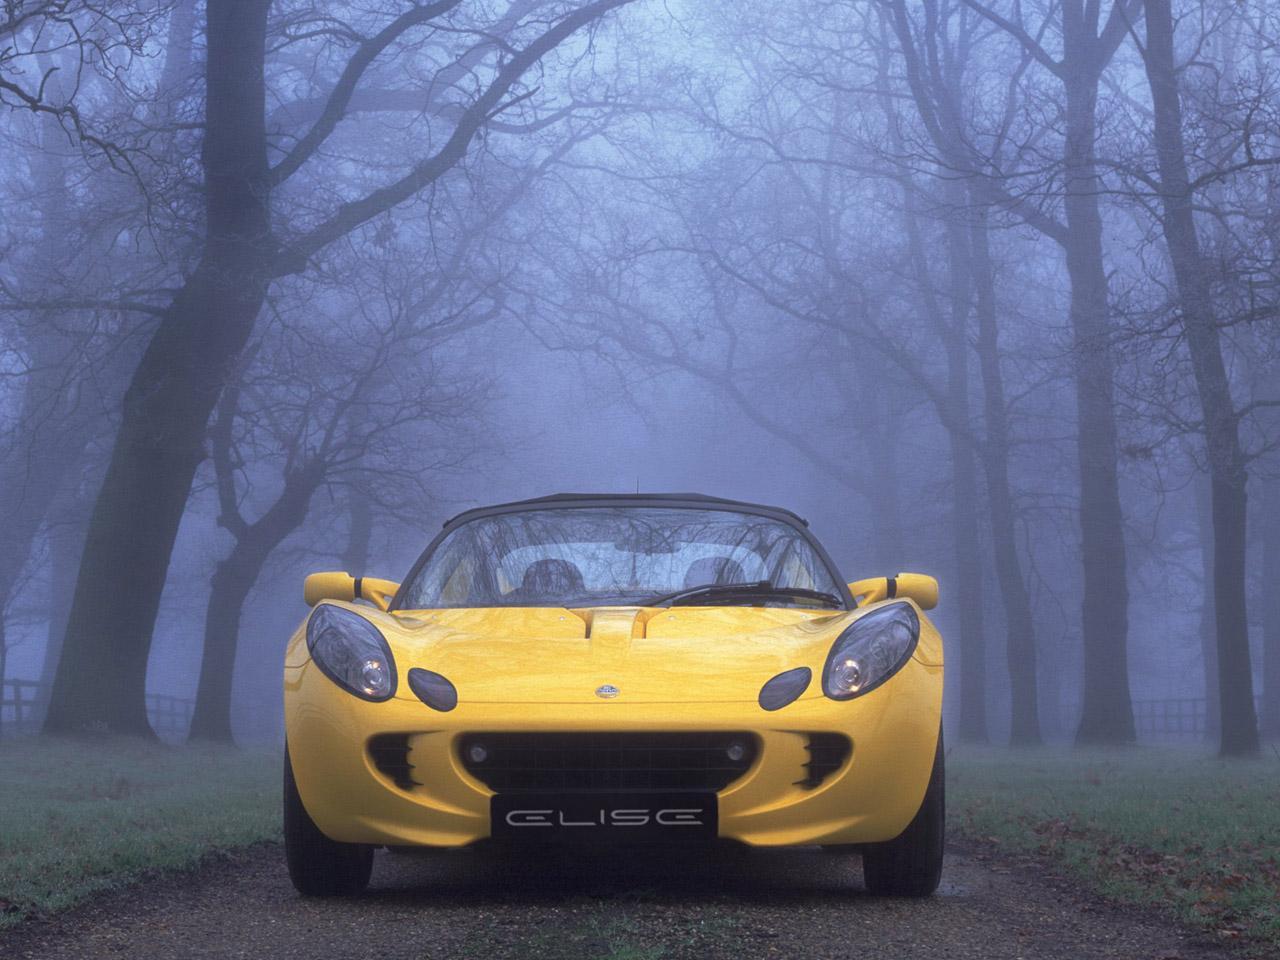 2008 Lotus Elise Image